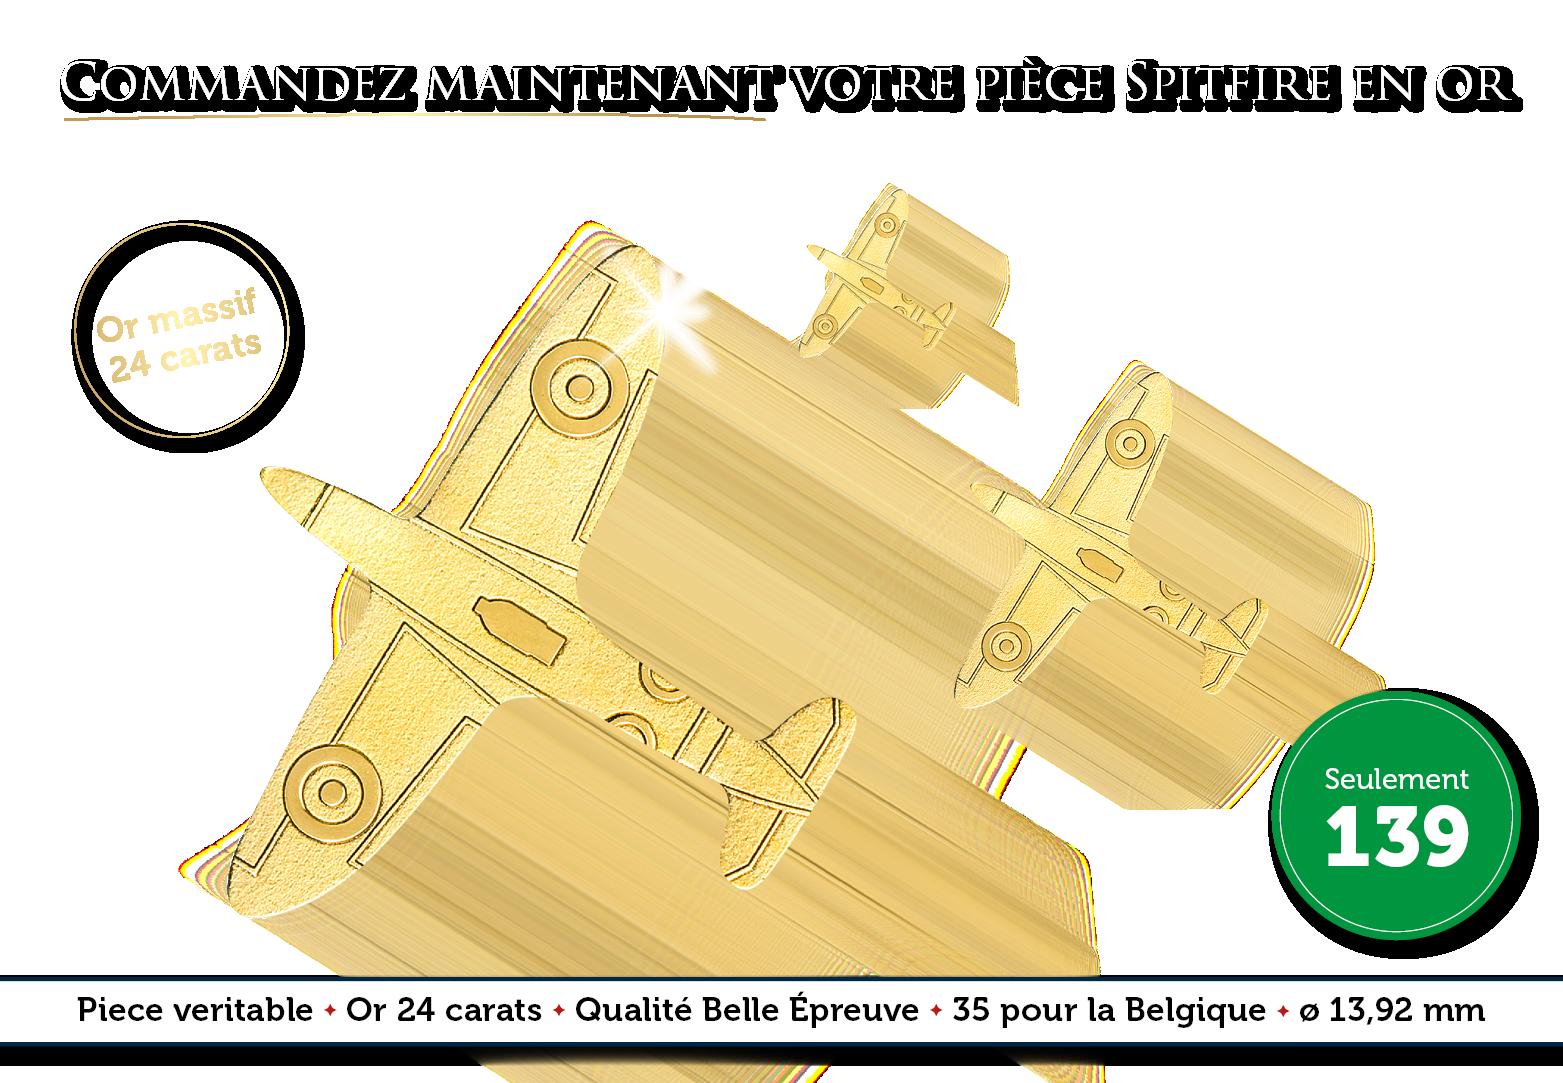 L'avion de chasse légendaire en or massif 24 carats !